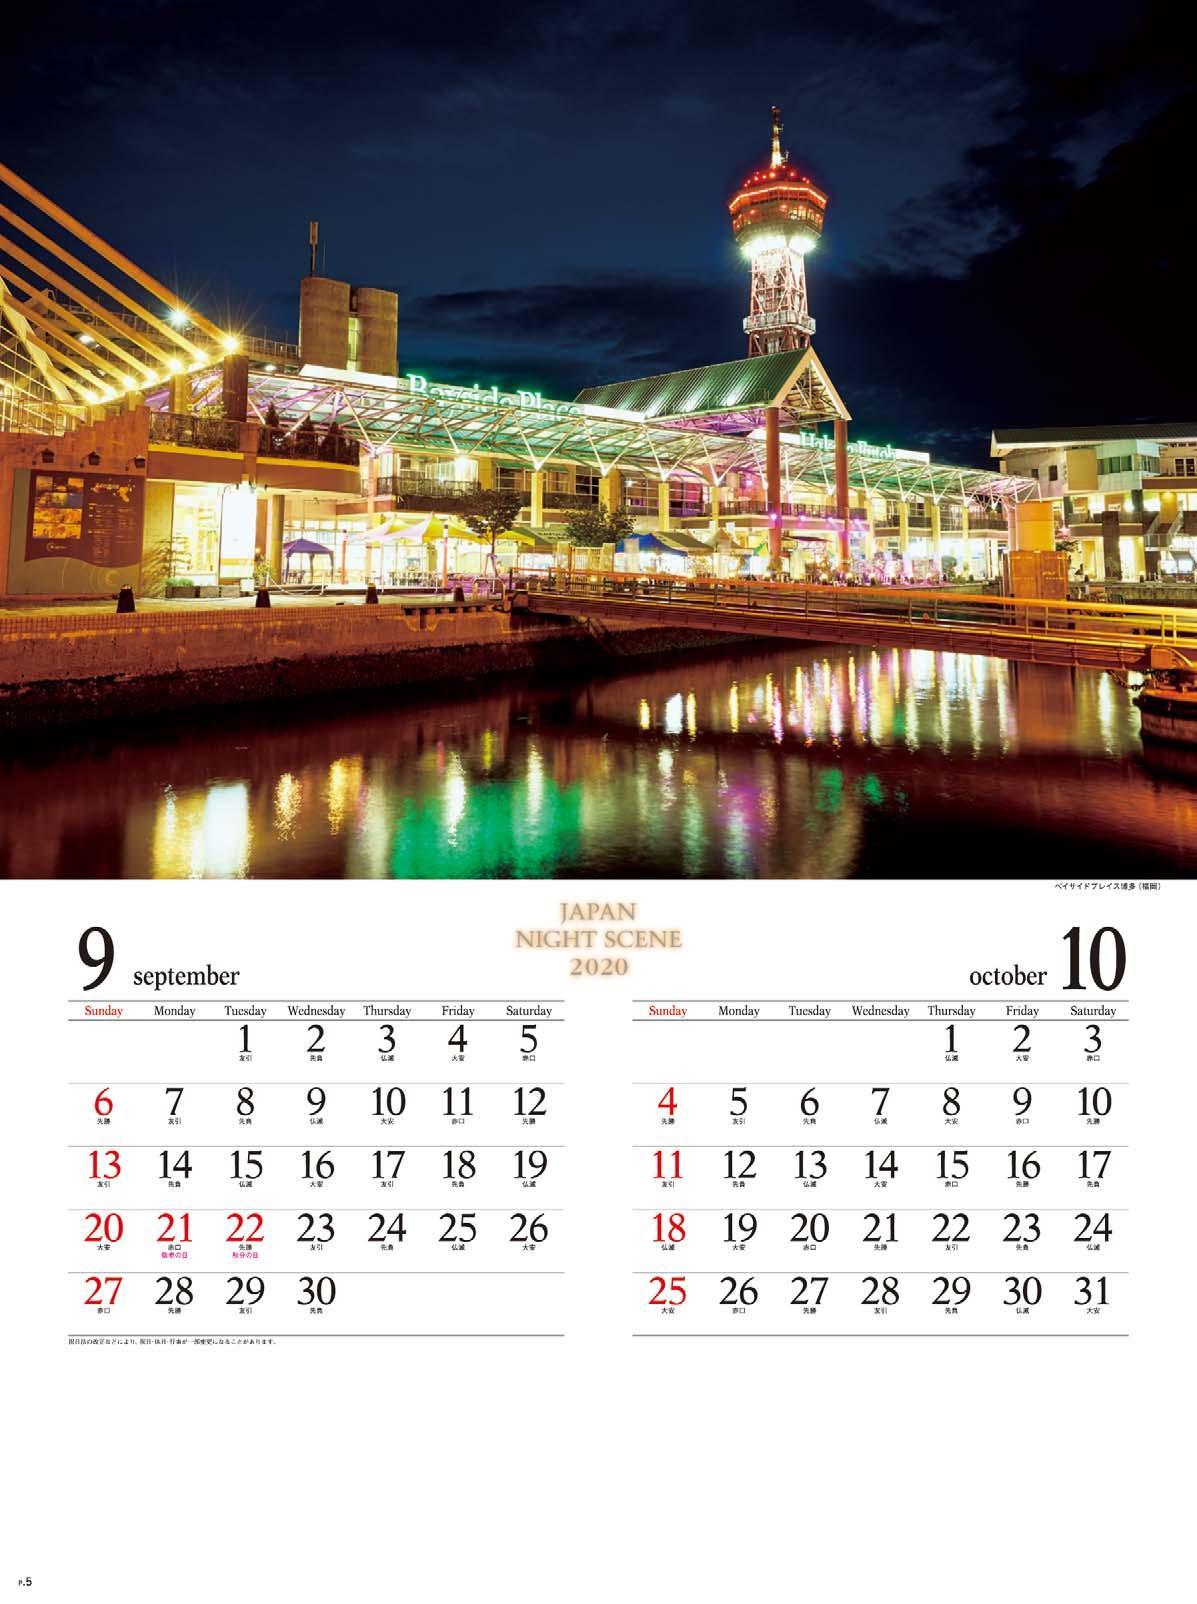 画像:ベルサイドプレイス博多(福岡) ジャパンナイトシーン 日本の夜景 2020年カレンダー